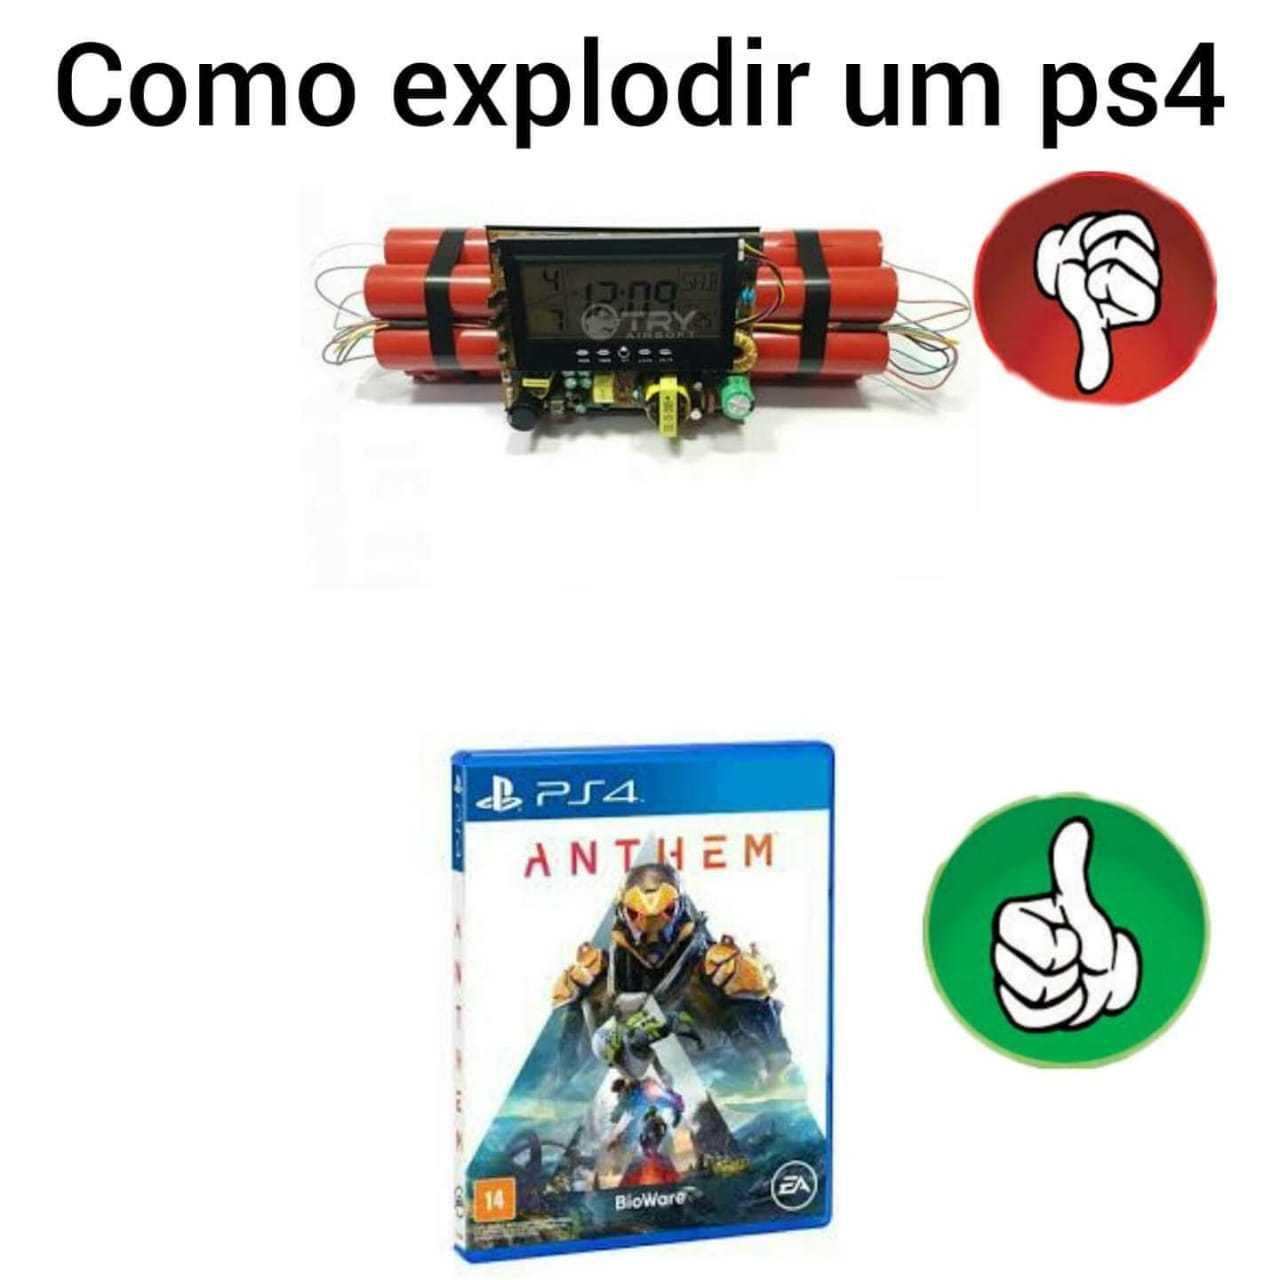 alahu akbar, poha EA - meme